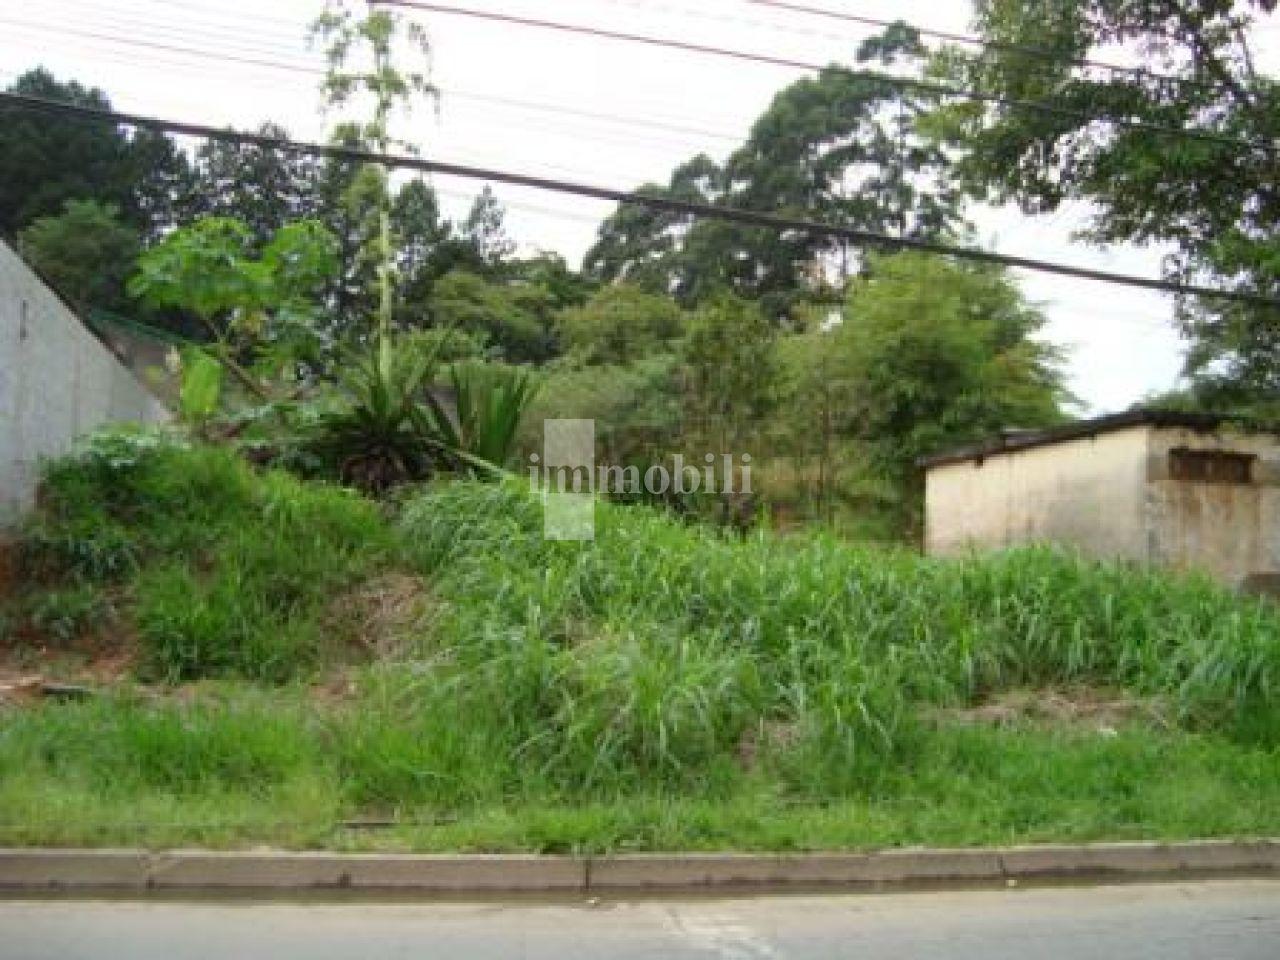 Terreno para Venda - Jardim Caiapiá